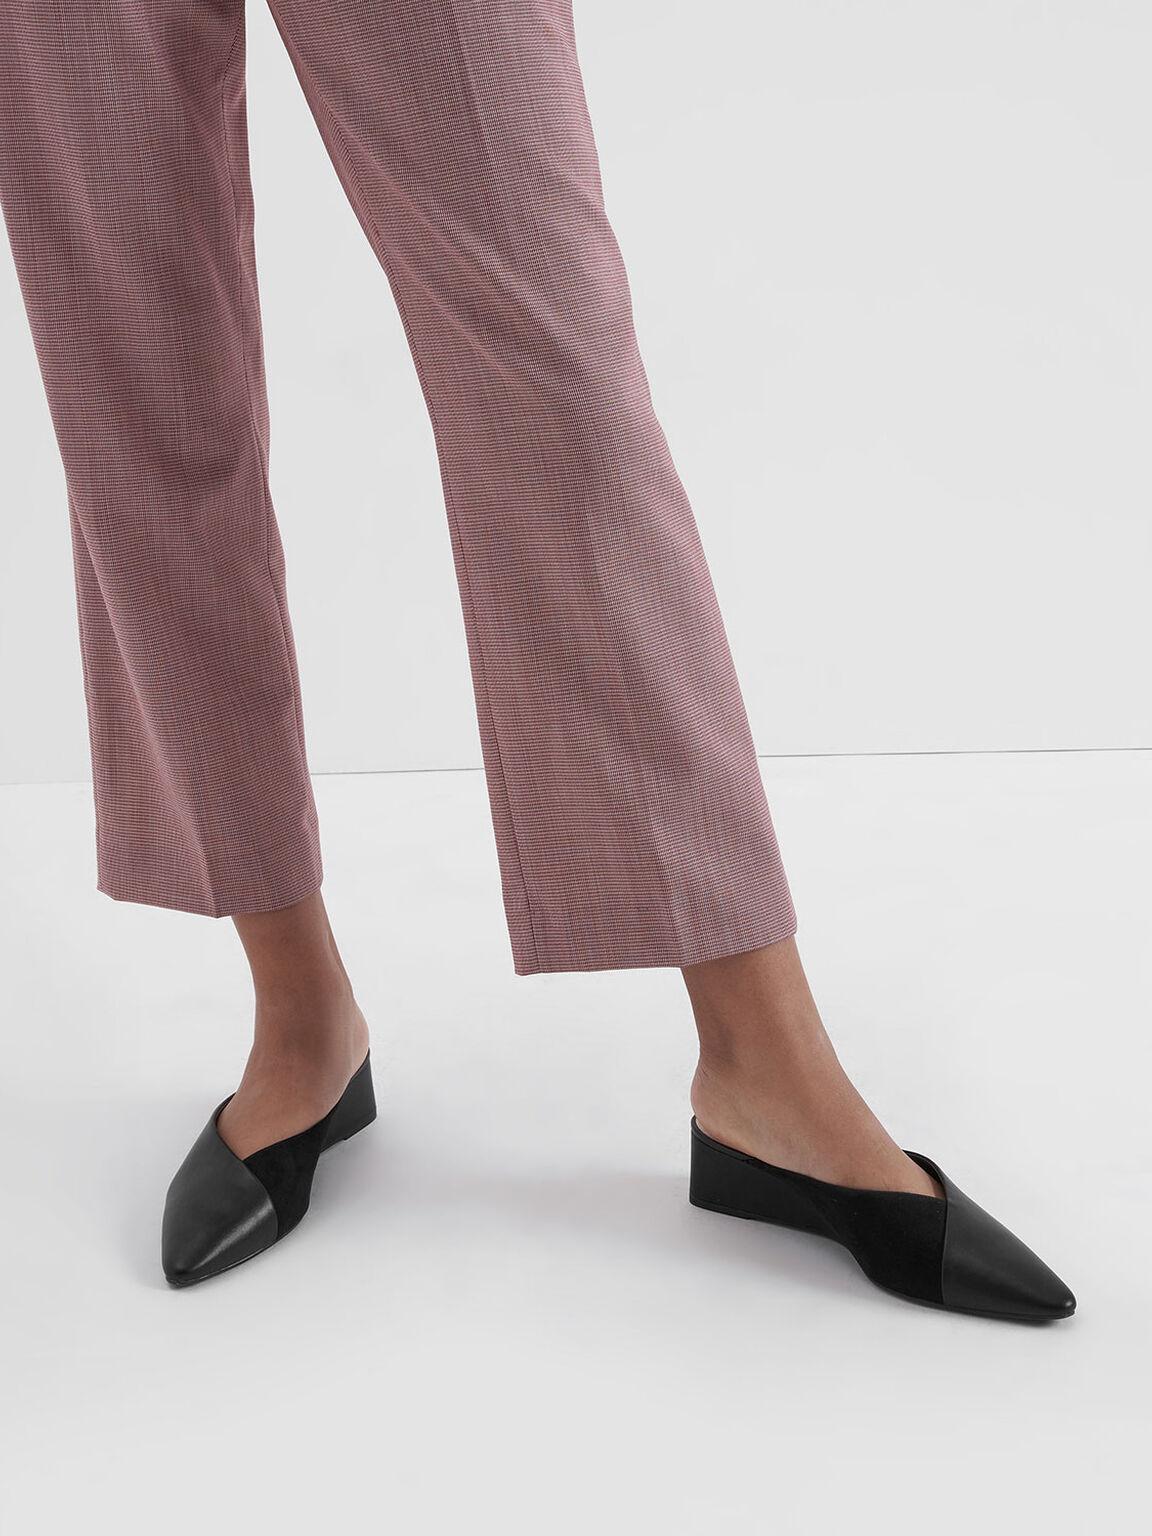 Textured Pointed Toe Wedge Heel Mules, Black, hi-res